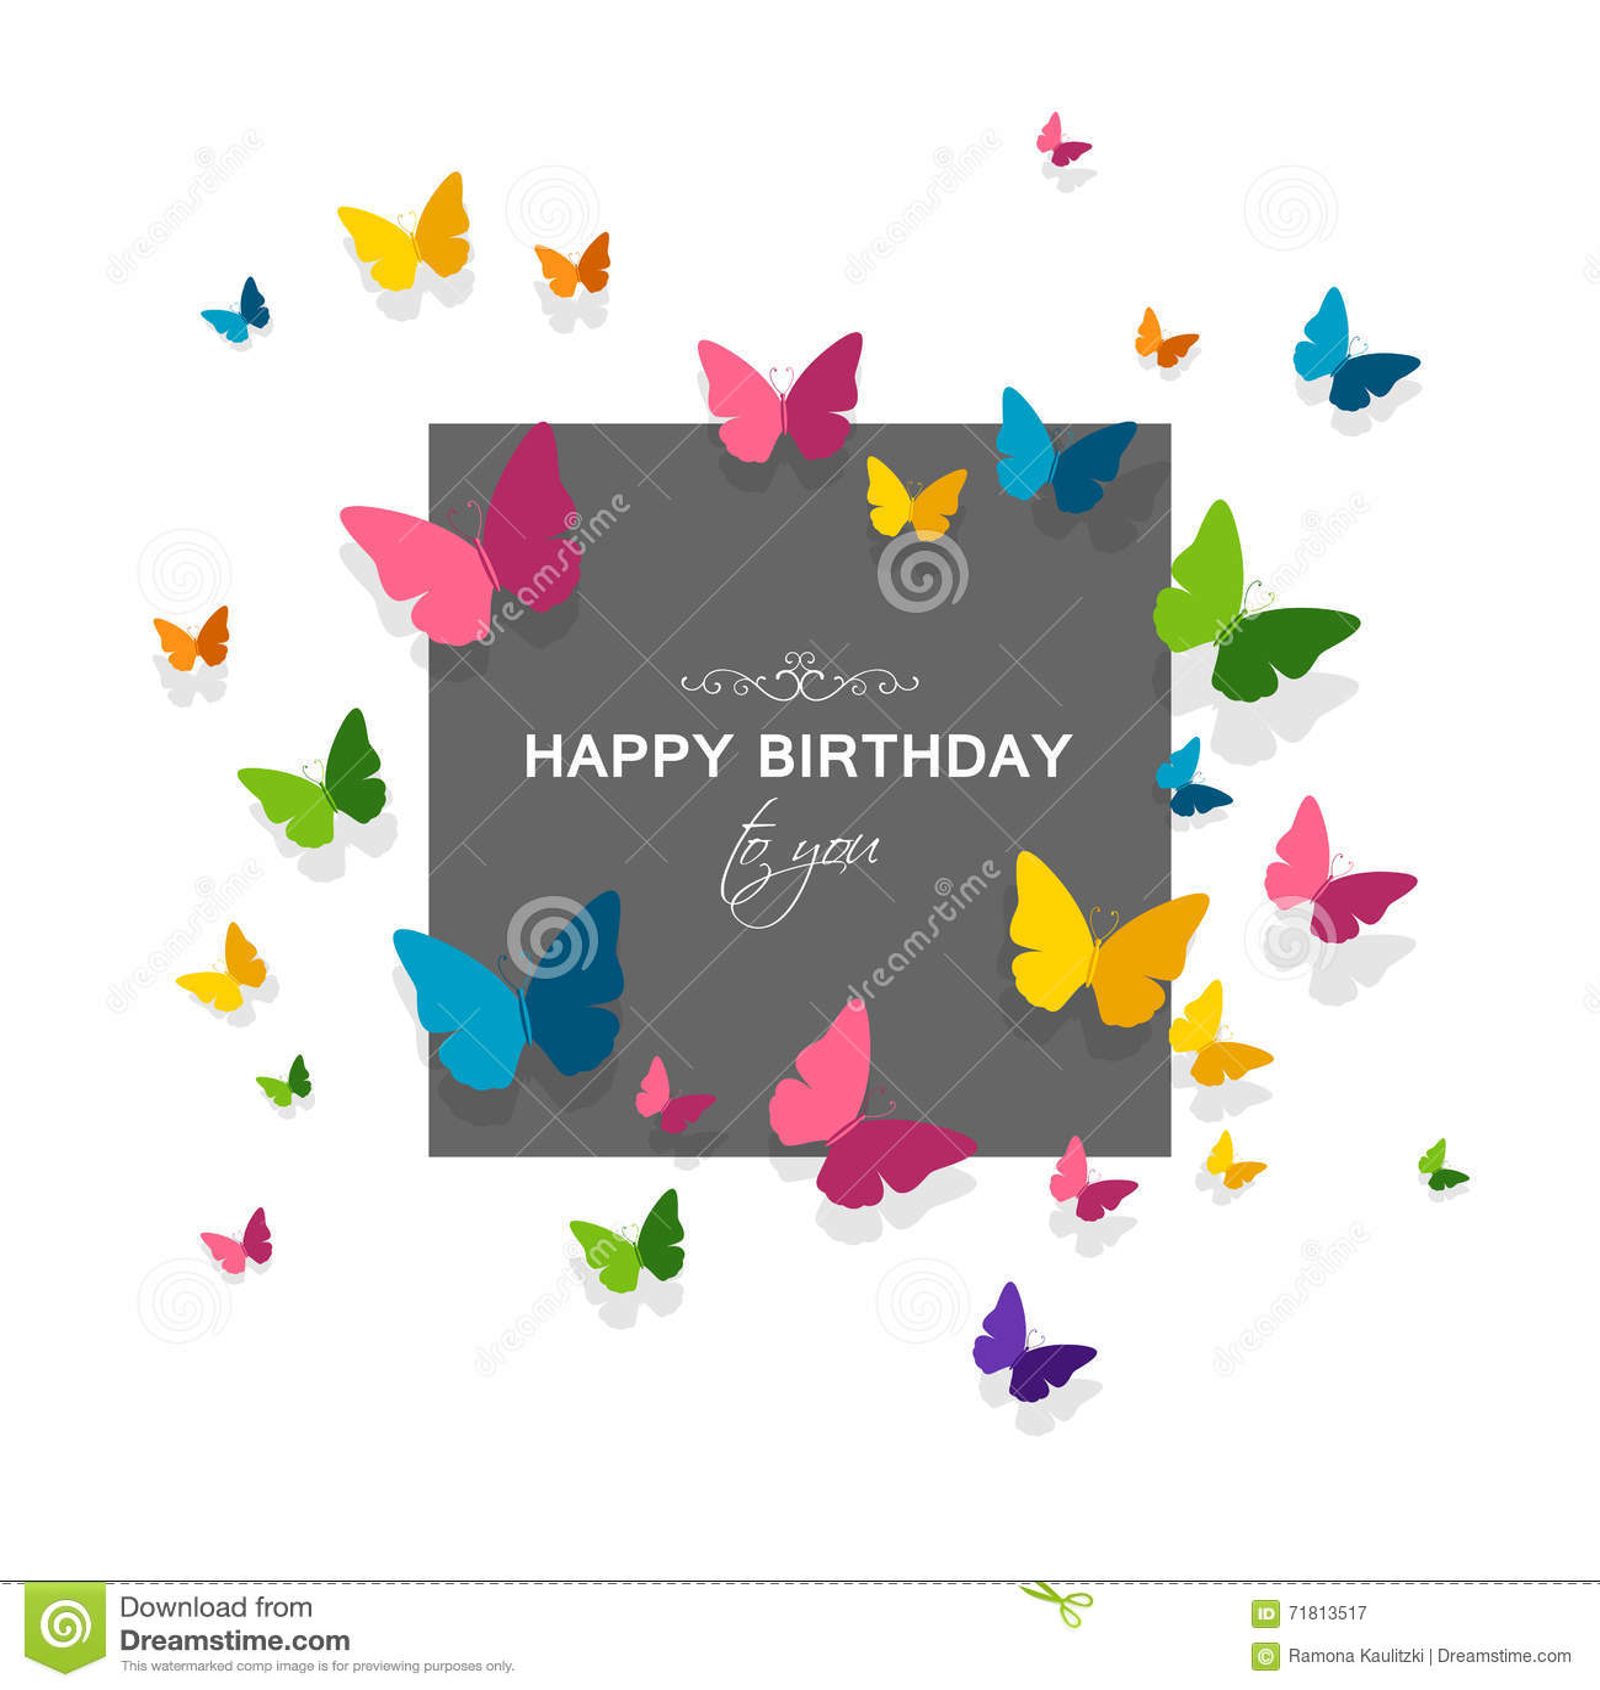 Carte De Voeux De Joyeux Anniversaire Avec Les Papillons De Papier Colores Illustration Stock Illustration Du Voeux Anniversaire 71813517